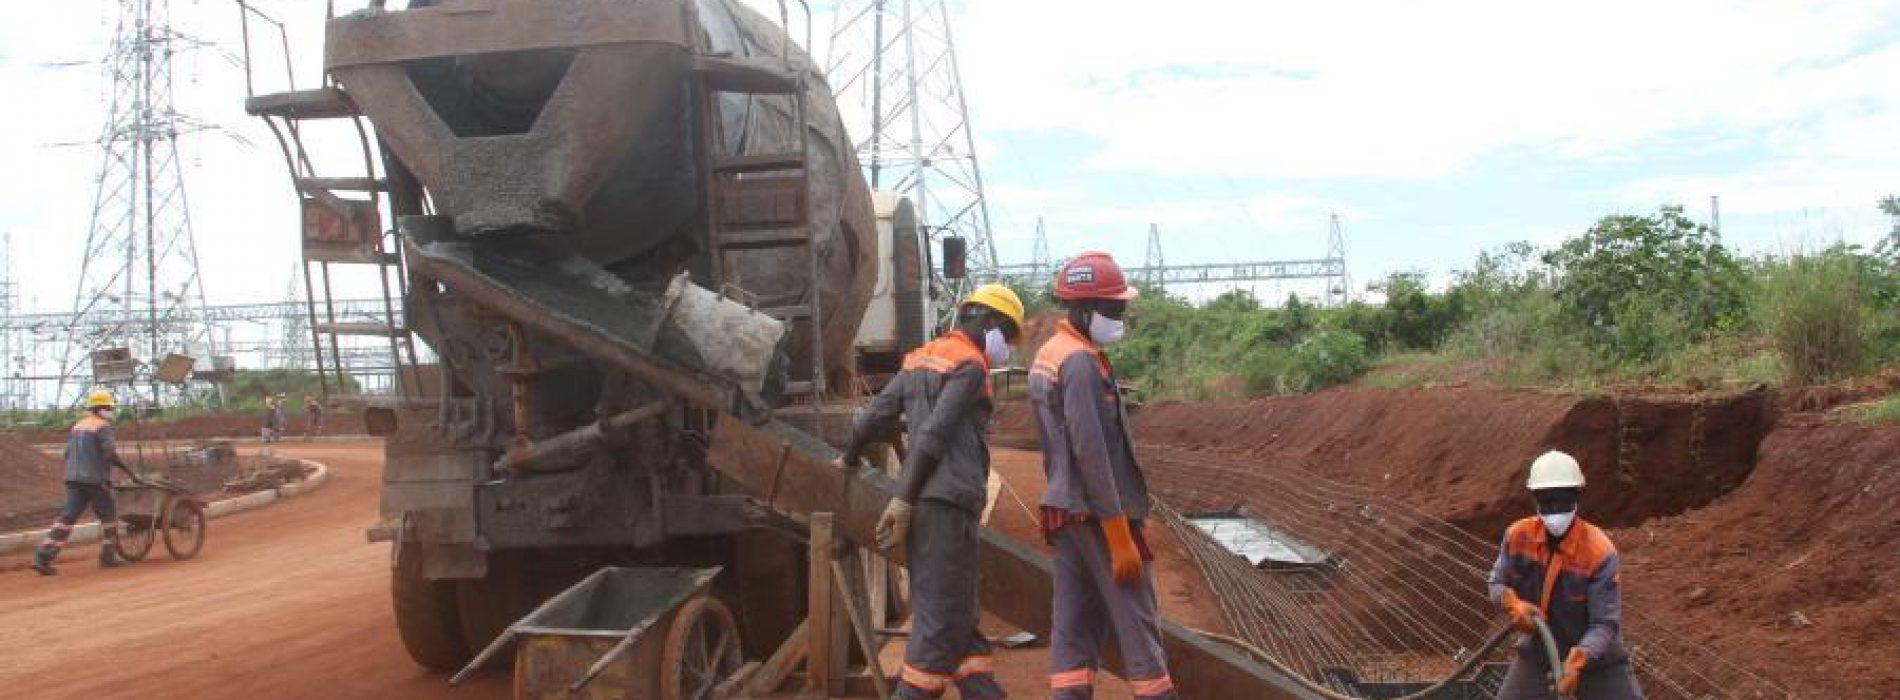 Uganda: Verso completamento della centrale idroelettrica di Karuma